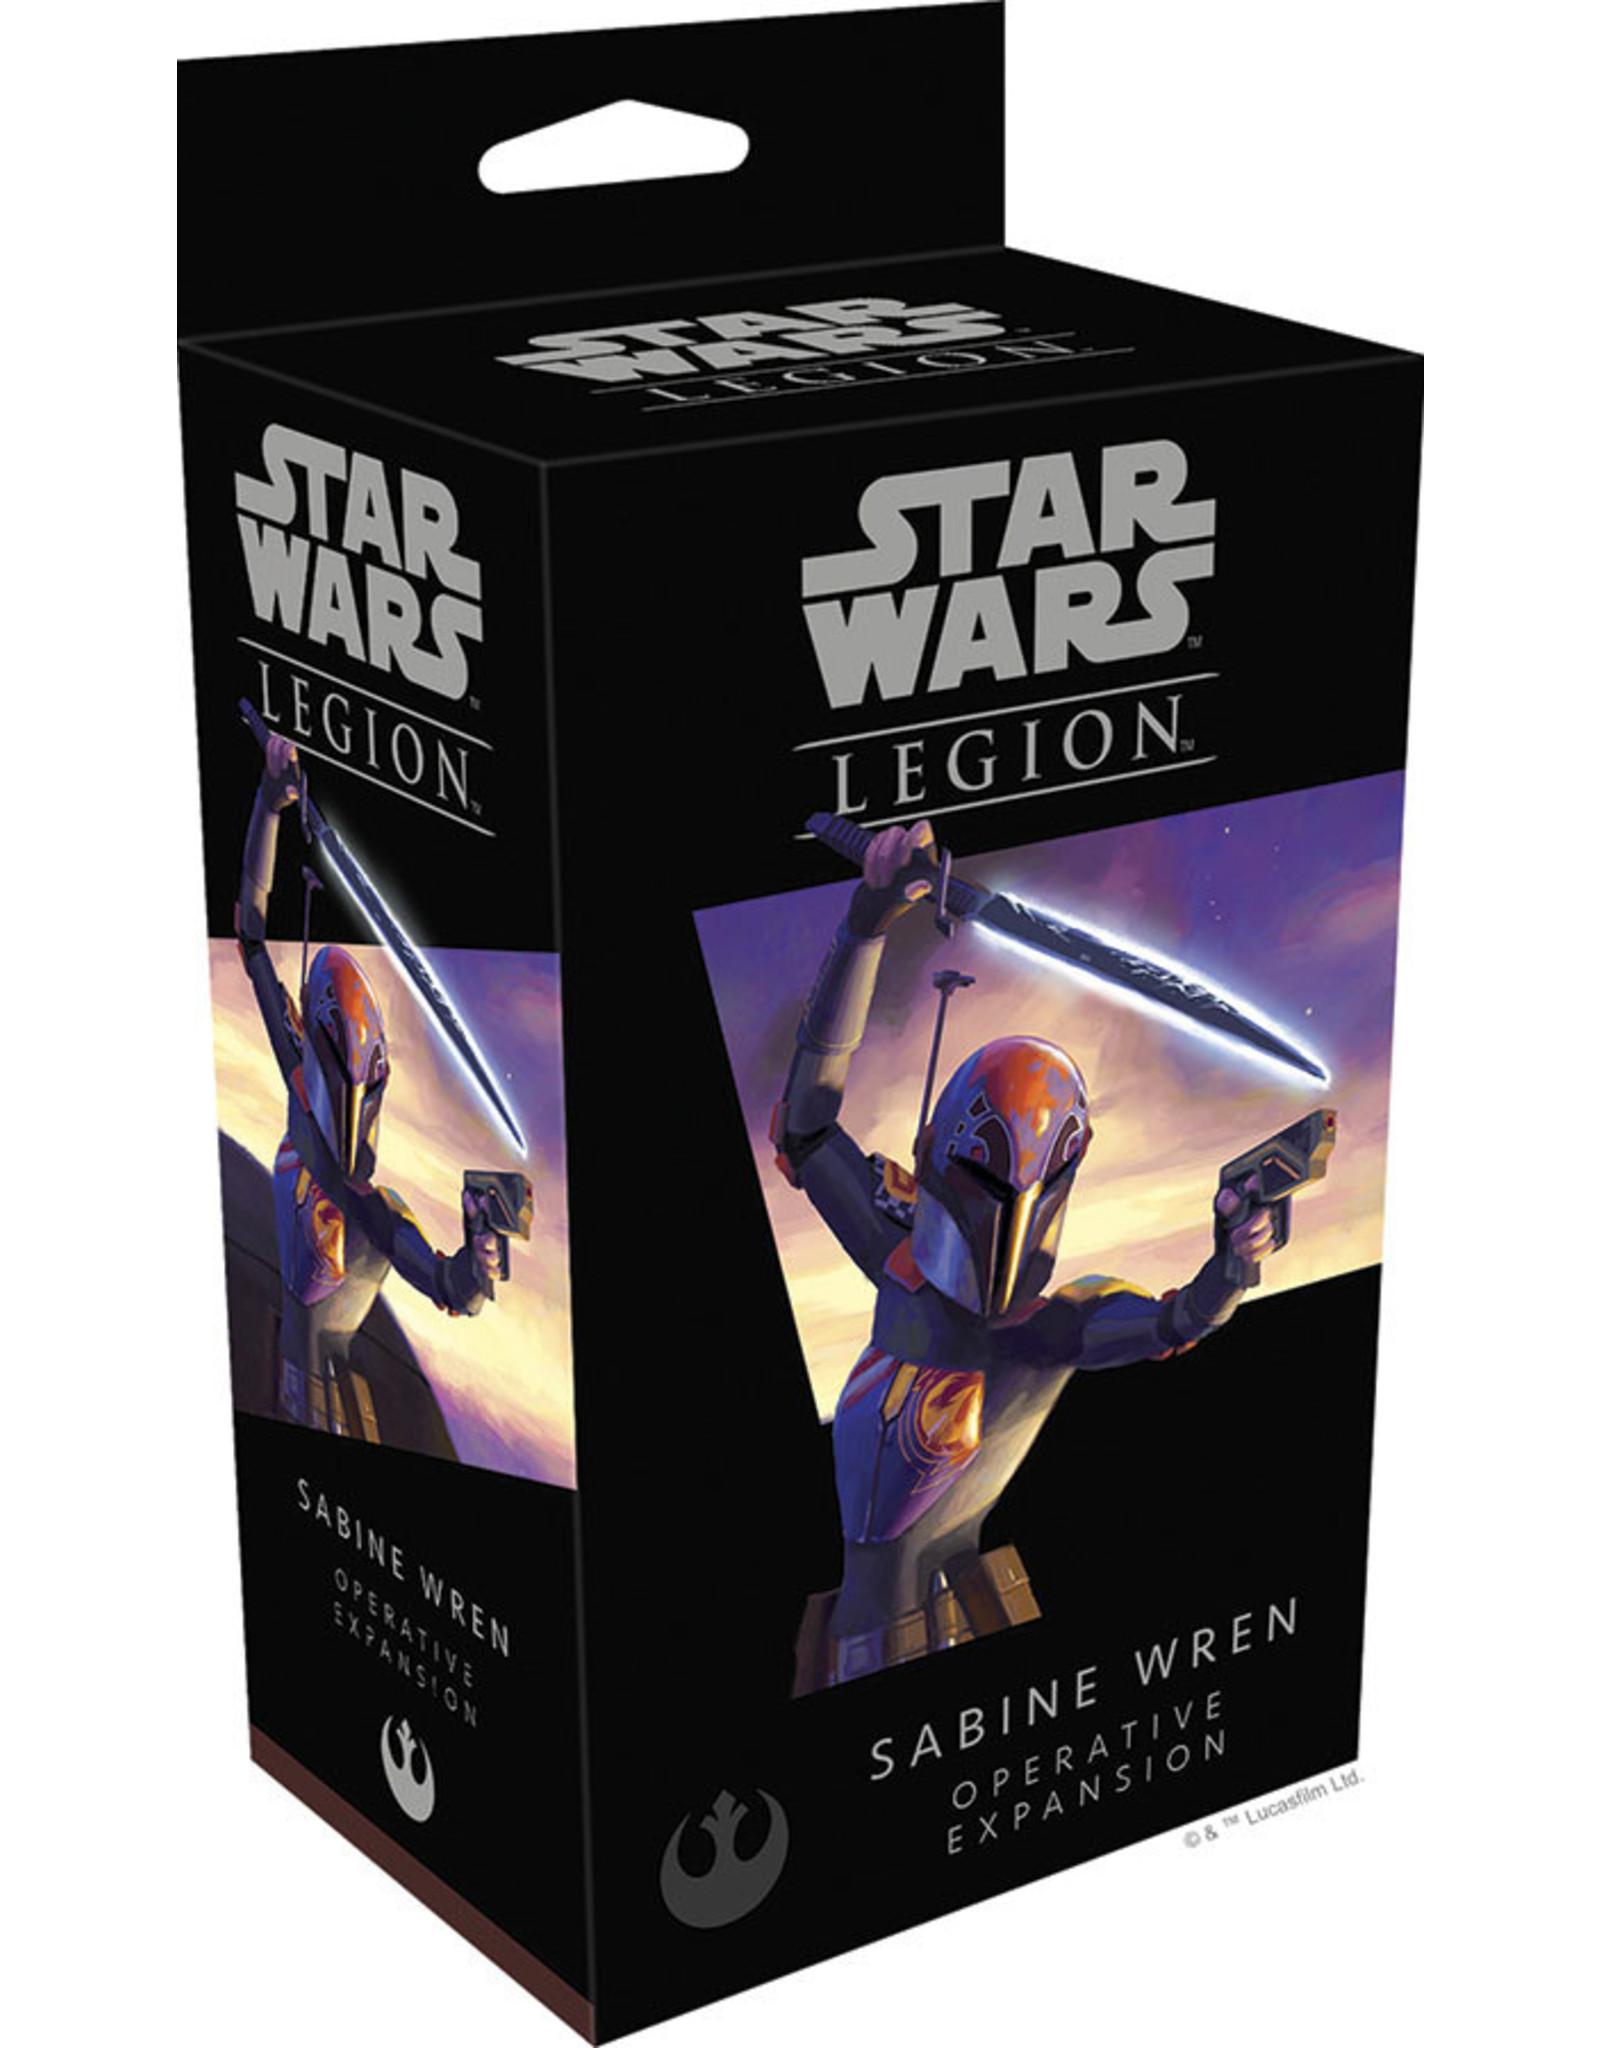 Fantasy Flight Games Star Wars: Legion - Sabine Wren Operative Expansion